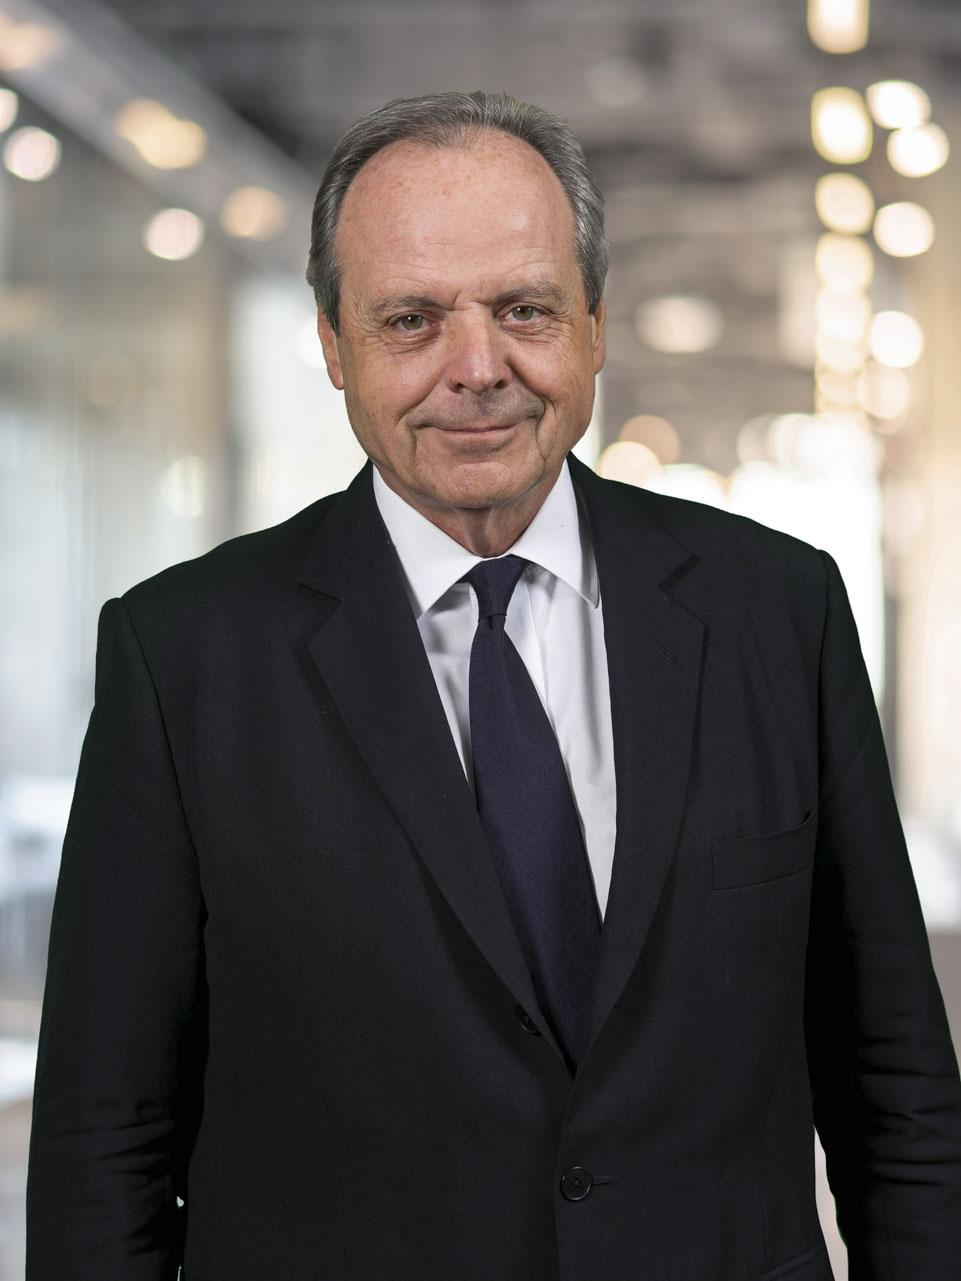 Salzburger Notariatskammer: Notar und Mediator Dr. Peter Cichocki